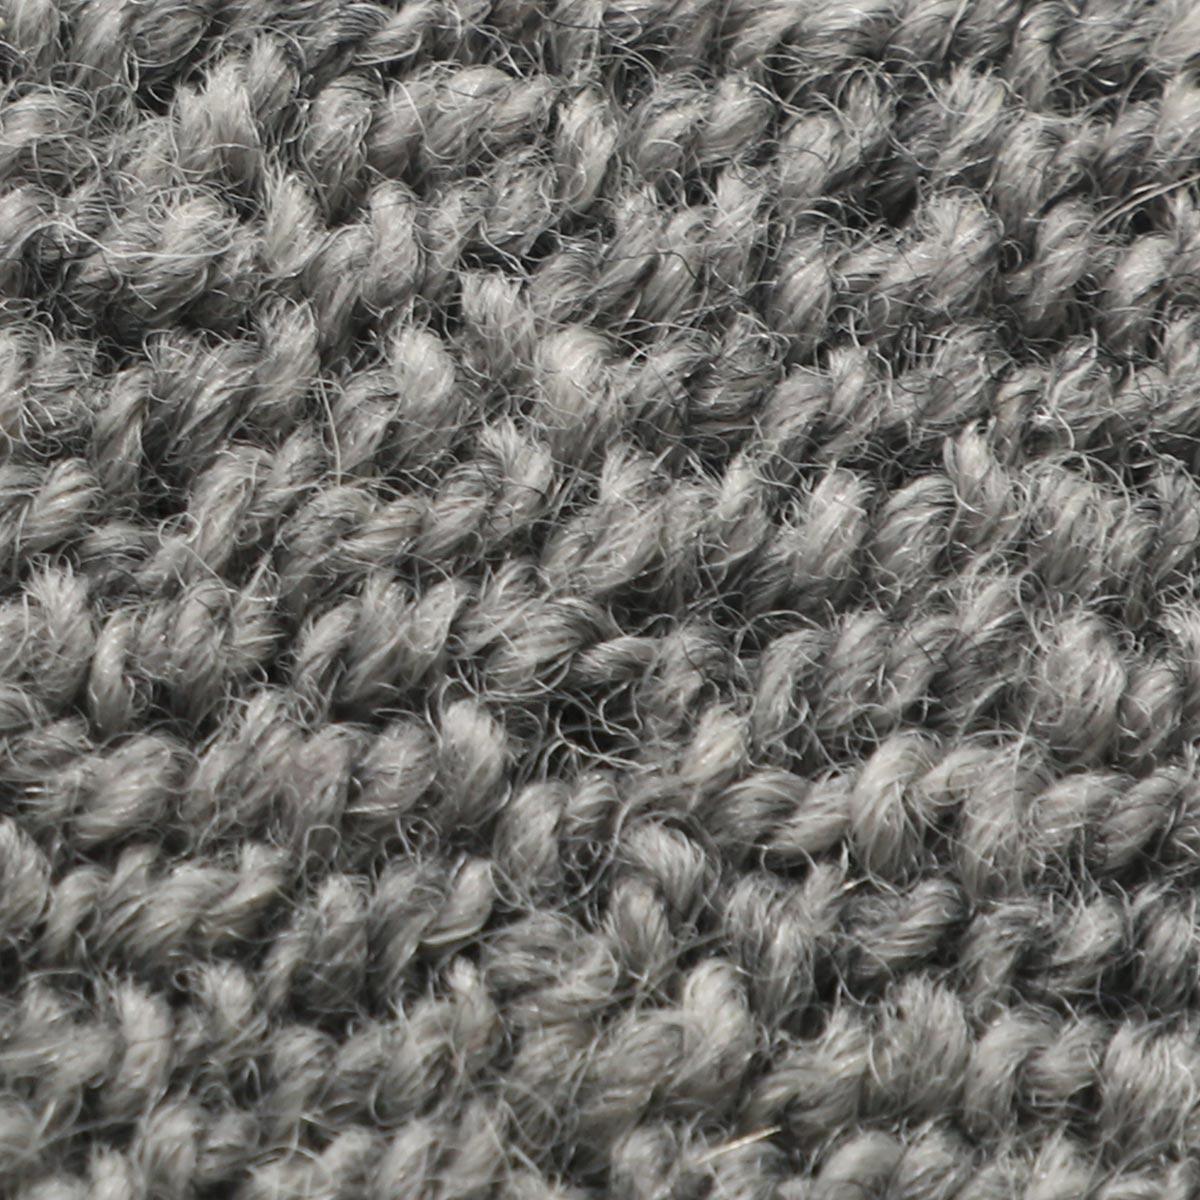 羊毛100%で緻密な毛が弾力性と遮音性の効果があります。